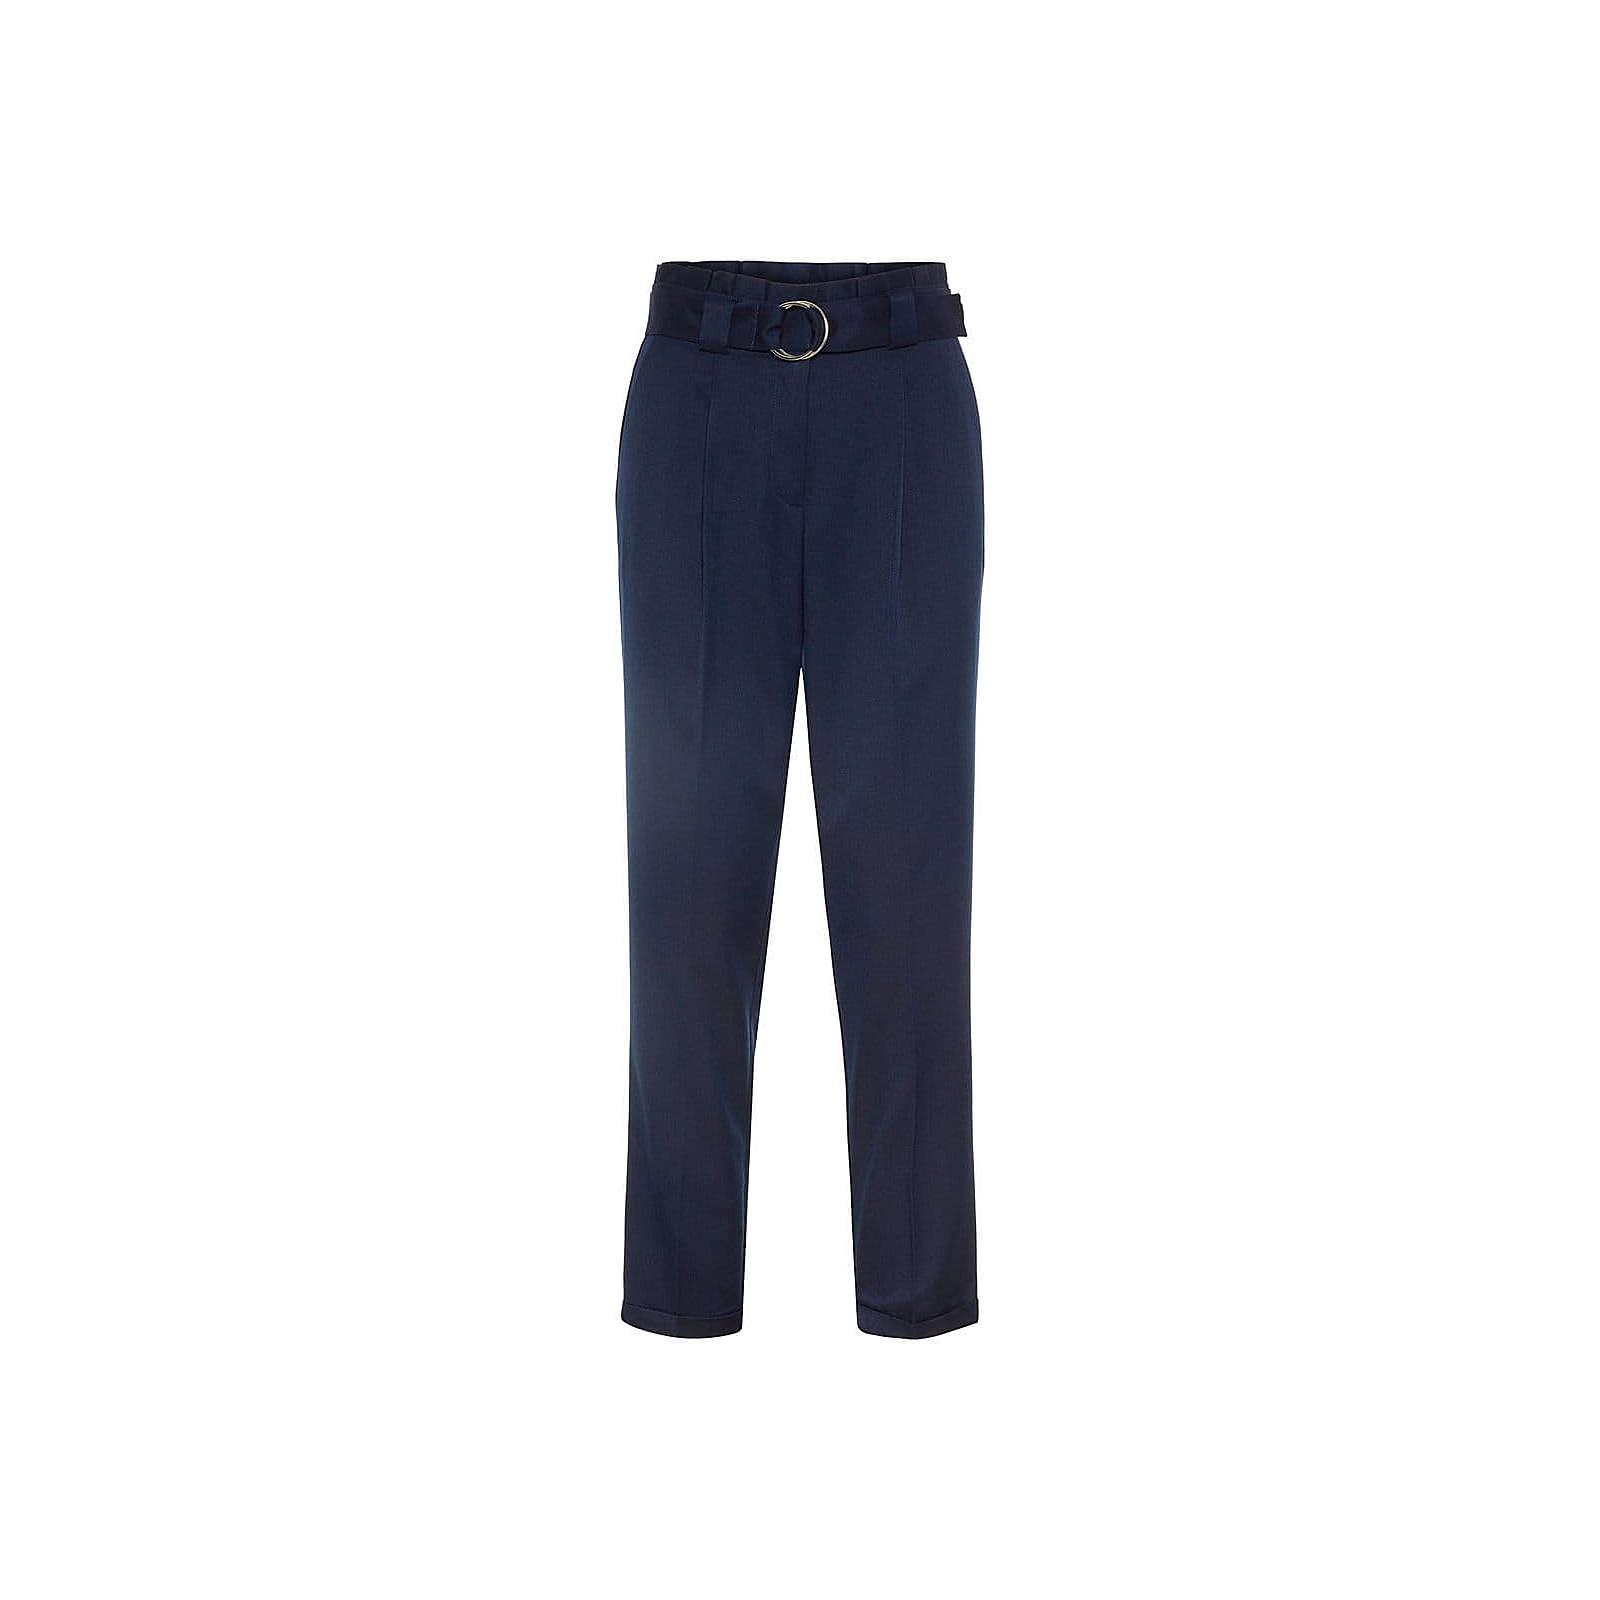 VERO MODA Bügelfaltenhose Stoffhosen blau Damen Gr. 40